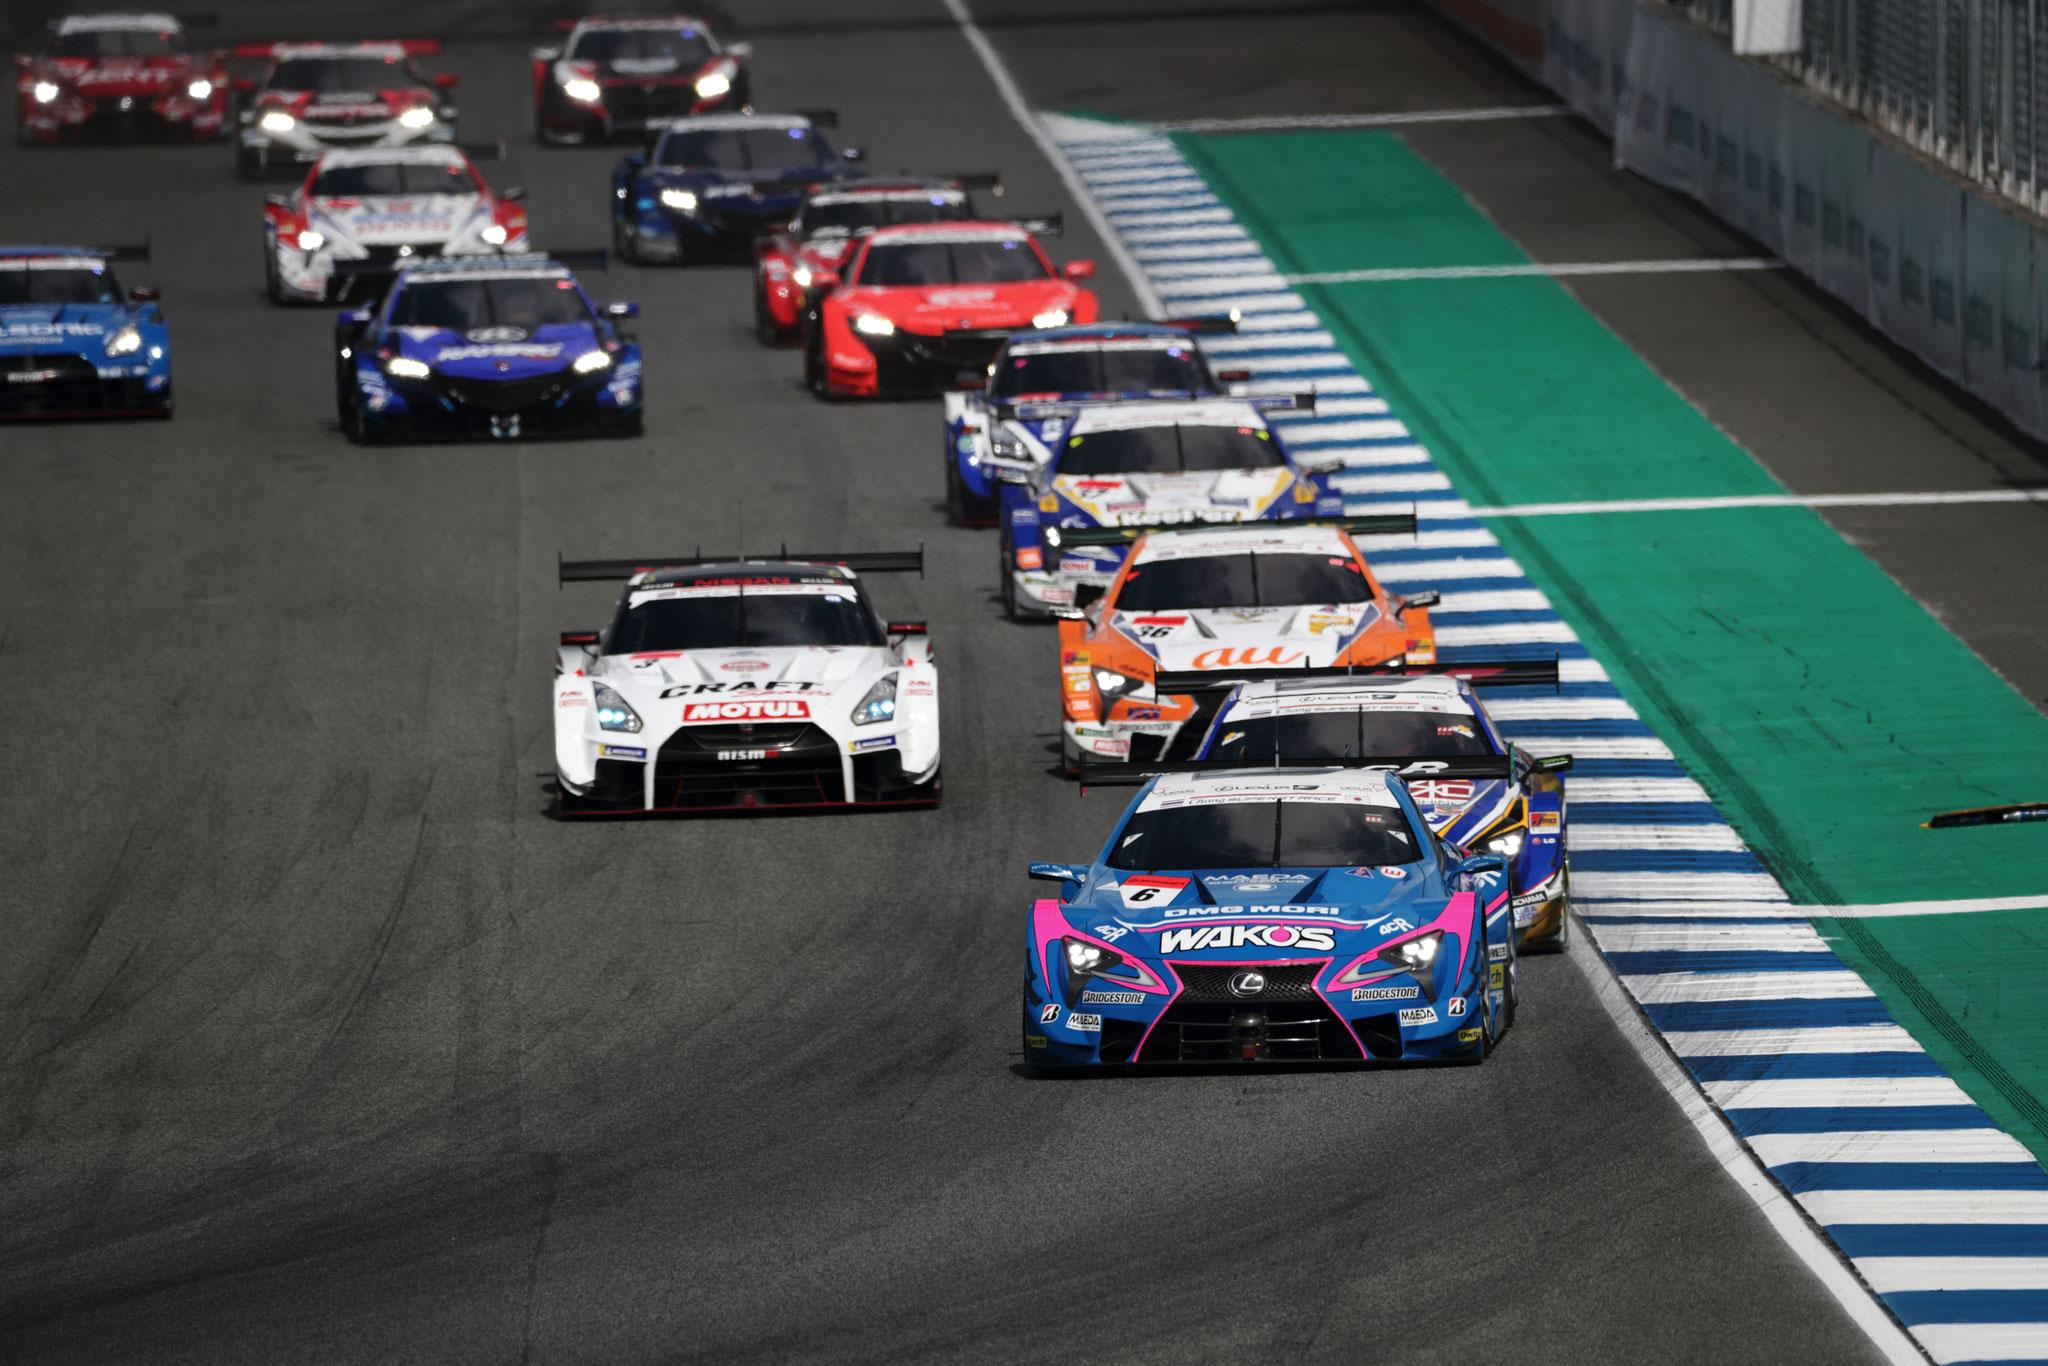 大嶋和也 2019 SUPER GT 第4戦 THAILAND決勝 優勝!!